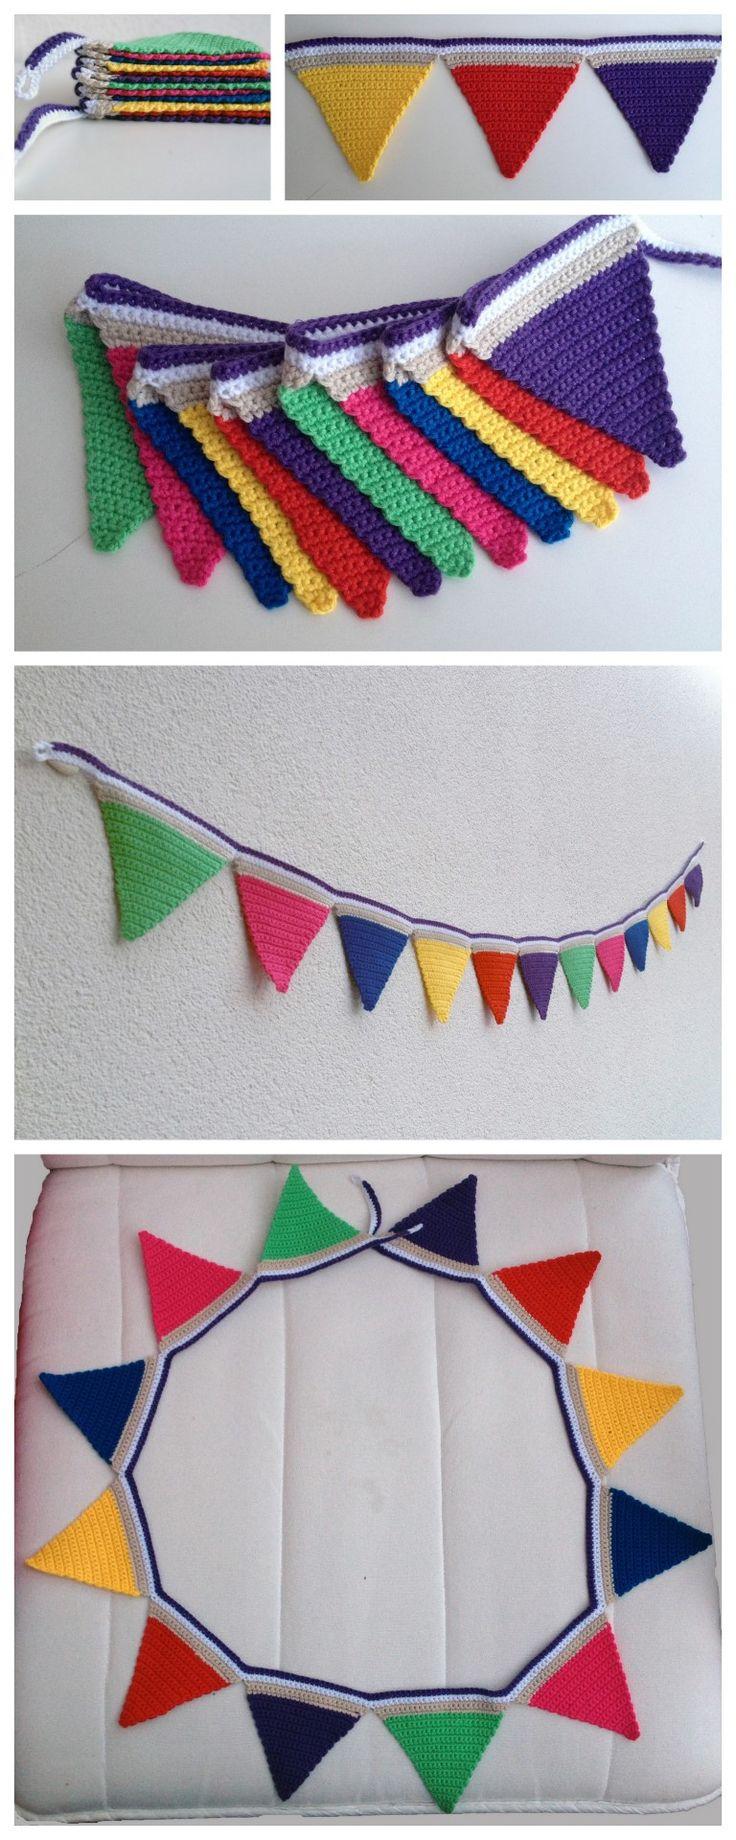 Deze vlaggenlijn is gehaakt met 8 verschillende kleuren haakgaren. Wit, creme, geel, rood, fuchsia, paars, groen, donkerblauw. Kan op handwas gewassen worden.  De slinger is 1,25 m lang.  Vlaggetjes zijn 10x10x10 cm.  De slinger is op allerlei manieren te gebruiken. Denk hierbij aan een verjaardag, ter versiering van een kinderkamer, verfraaiing van een boomhut, in de speelhoek, in de kleuterklas, enz.